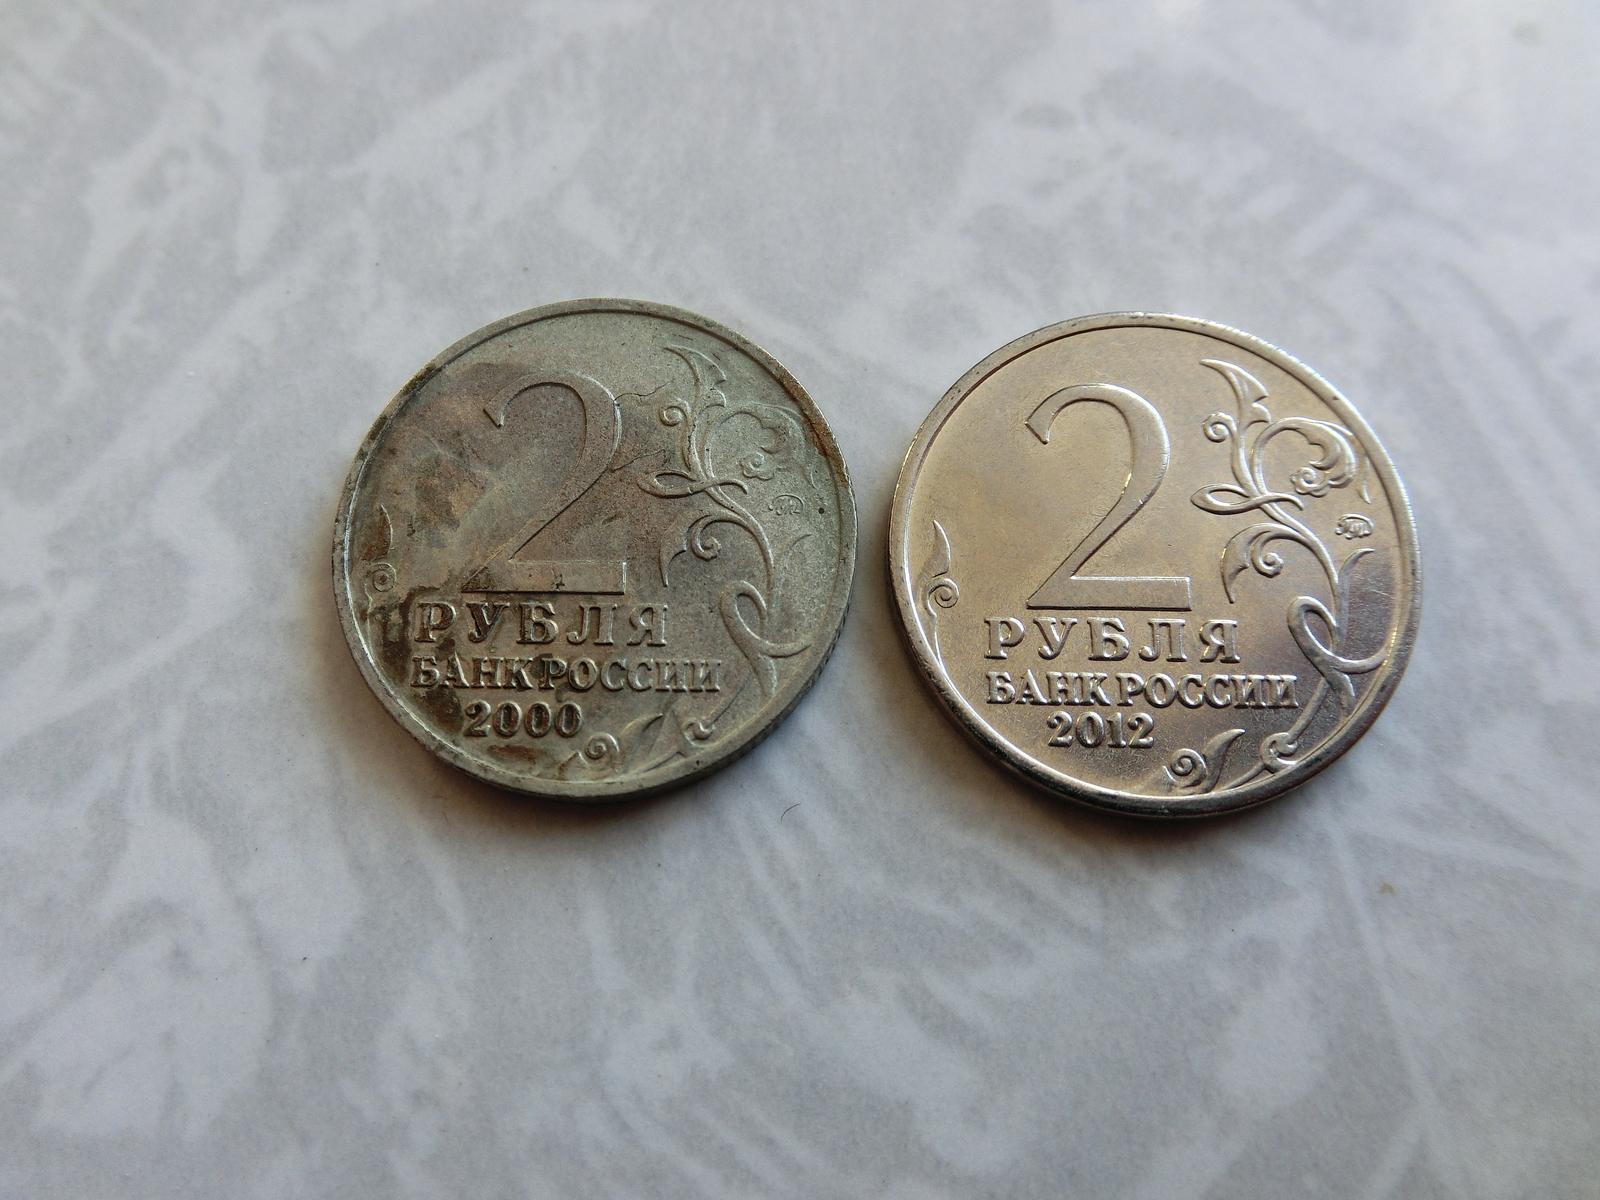 Как отполировать монету до зеркального блеска памятные монеты в альбомах